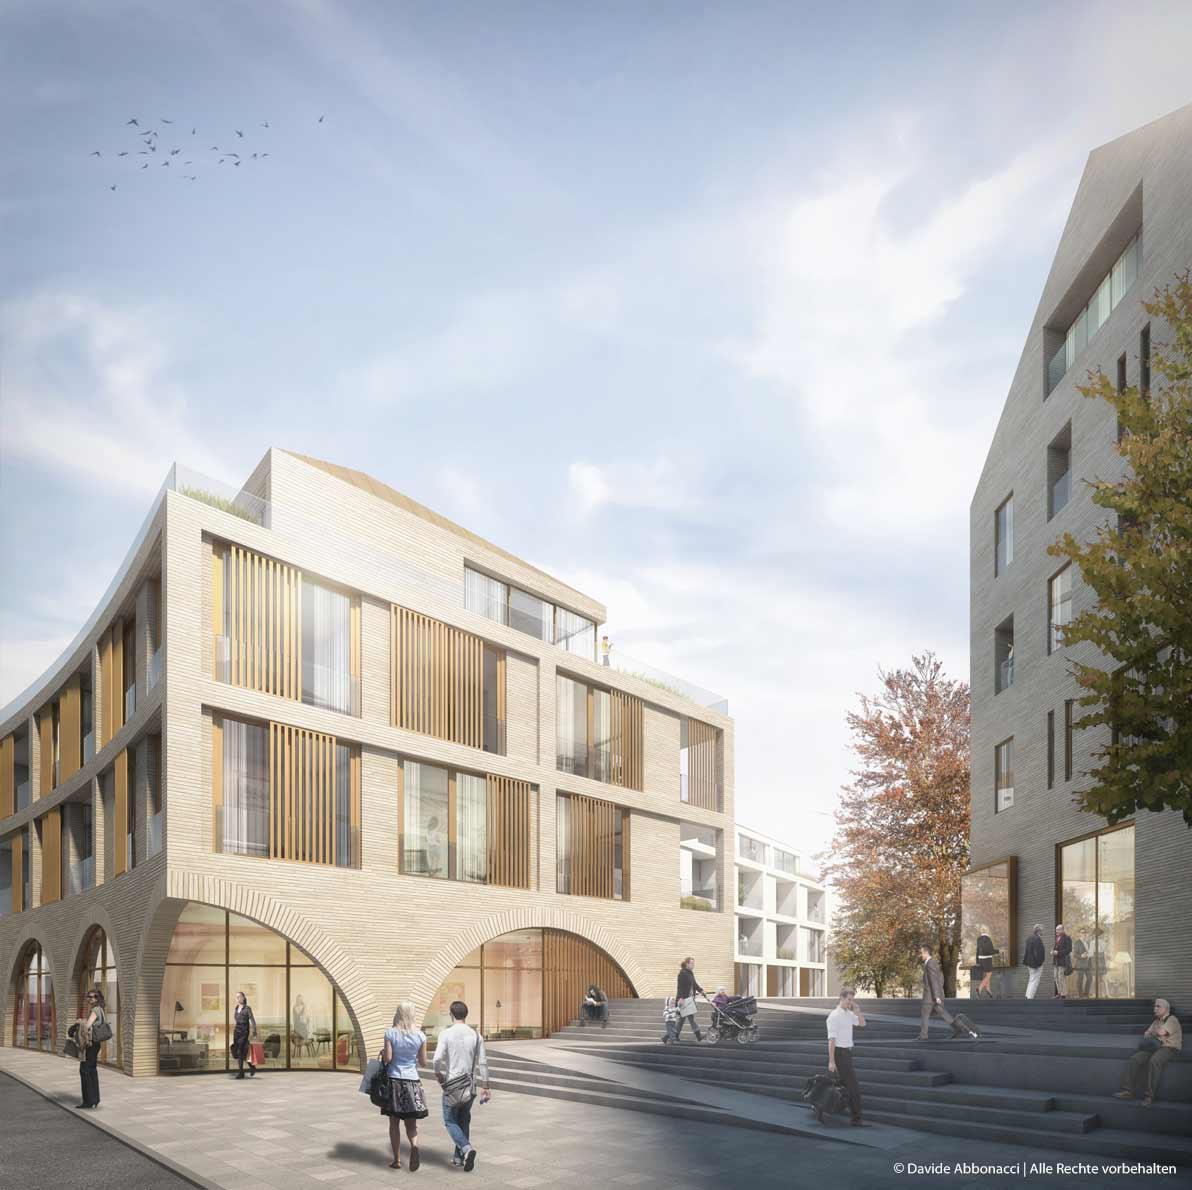 Bistumshaus St. Ludwig, Speyer | Motorlab Architekten | 2015 Wettbewerbsvisualisierung | 2. Preis